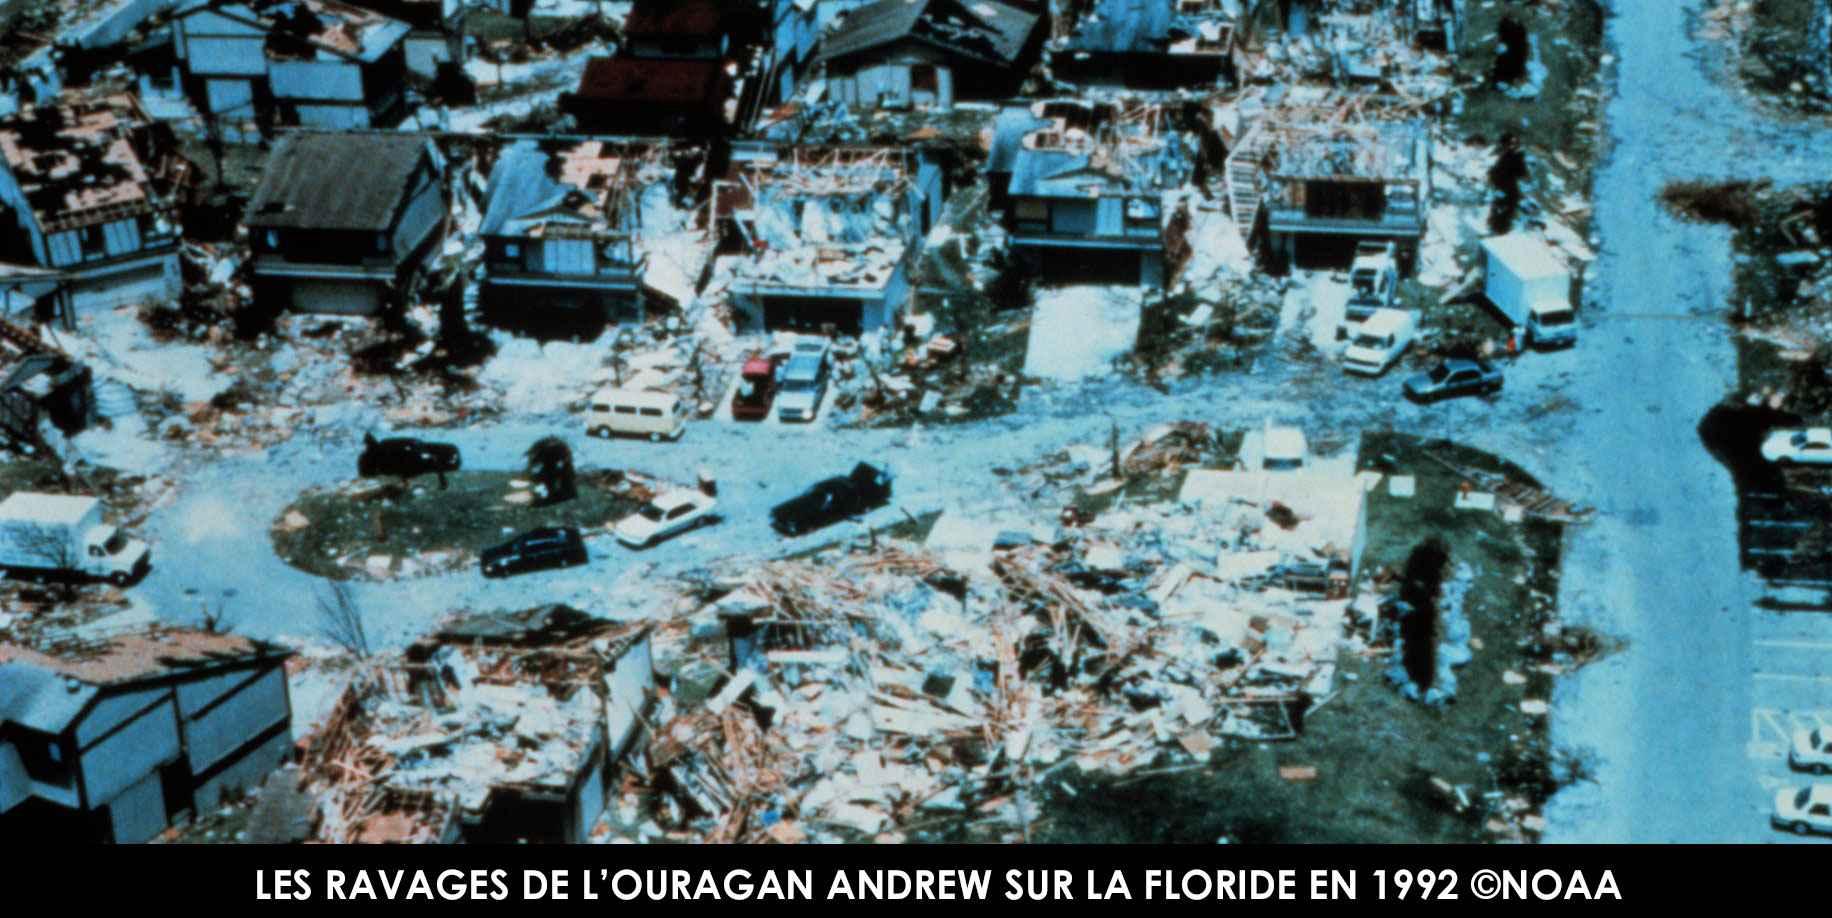 Les ravages de l'ouragan ANDREW sur la Floride en 1992 ©NOAA